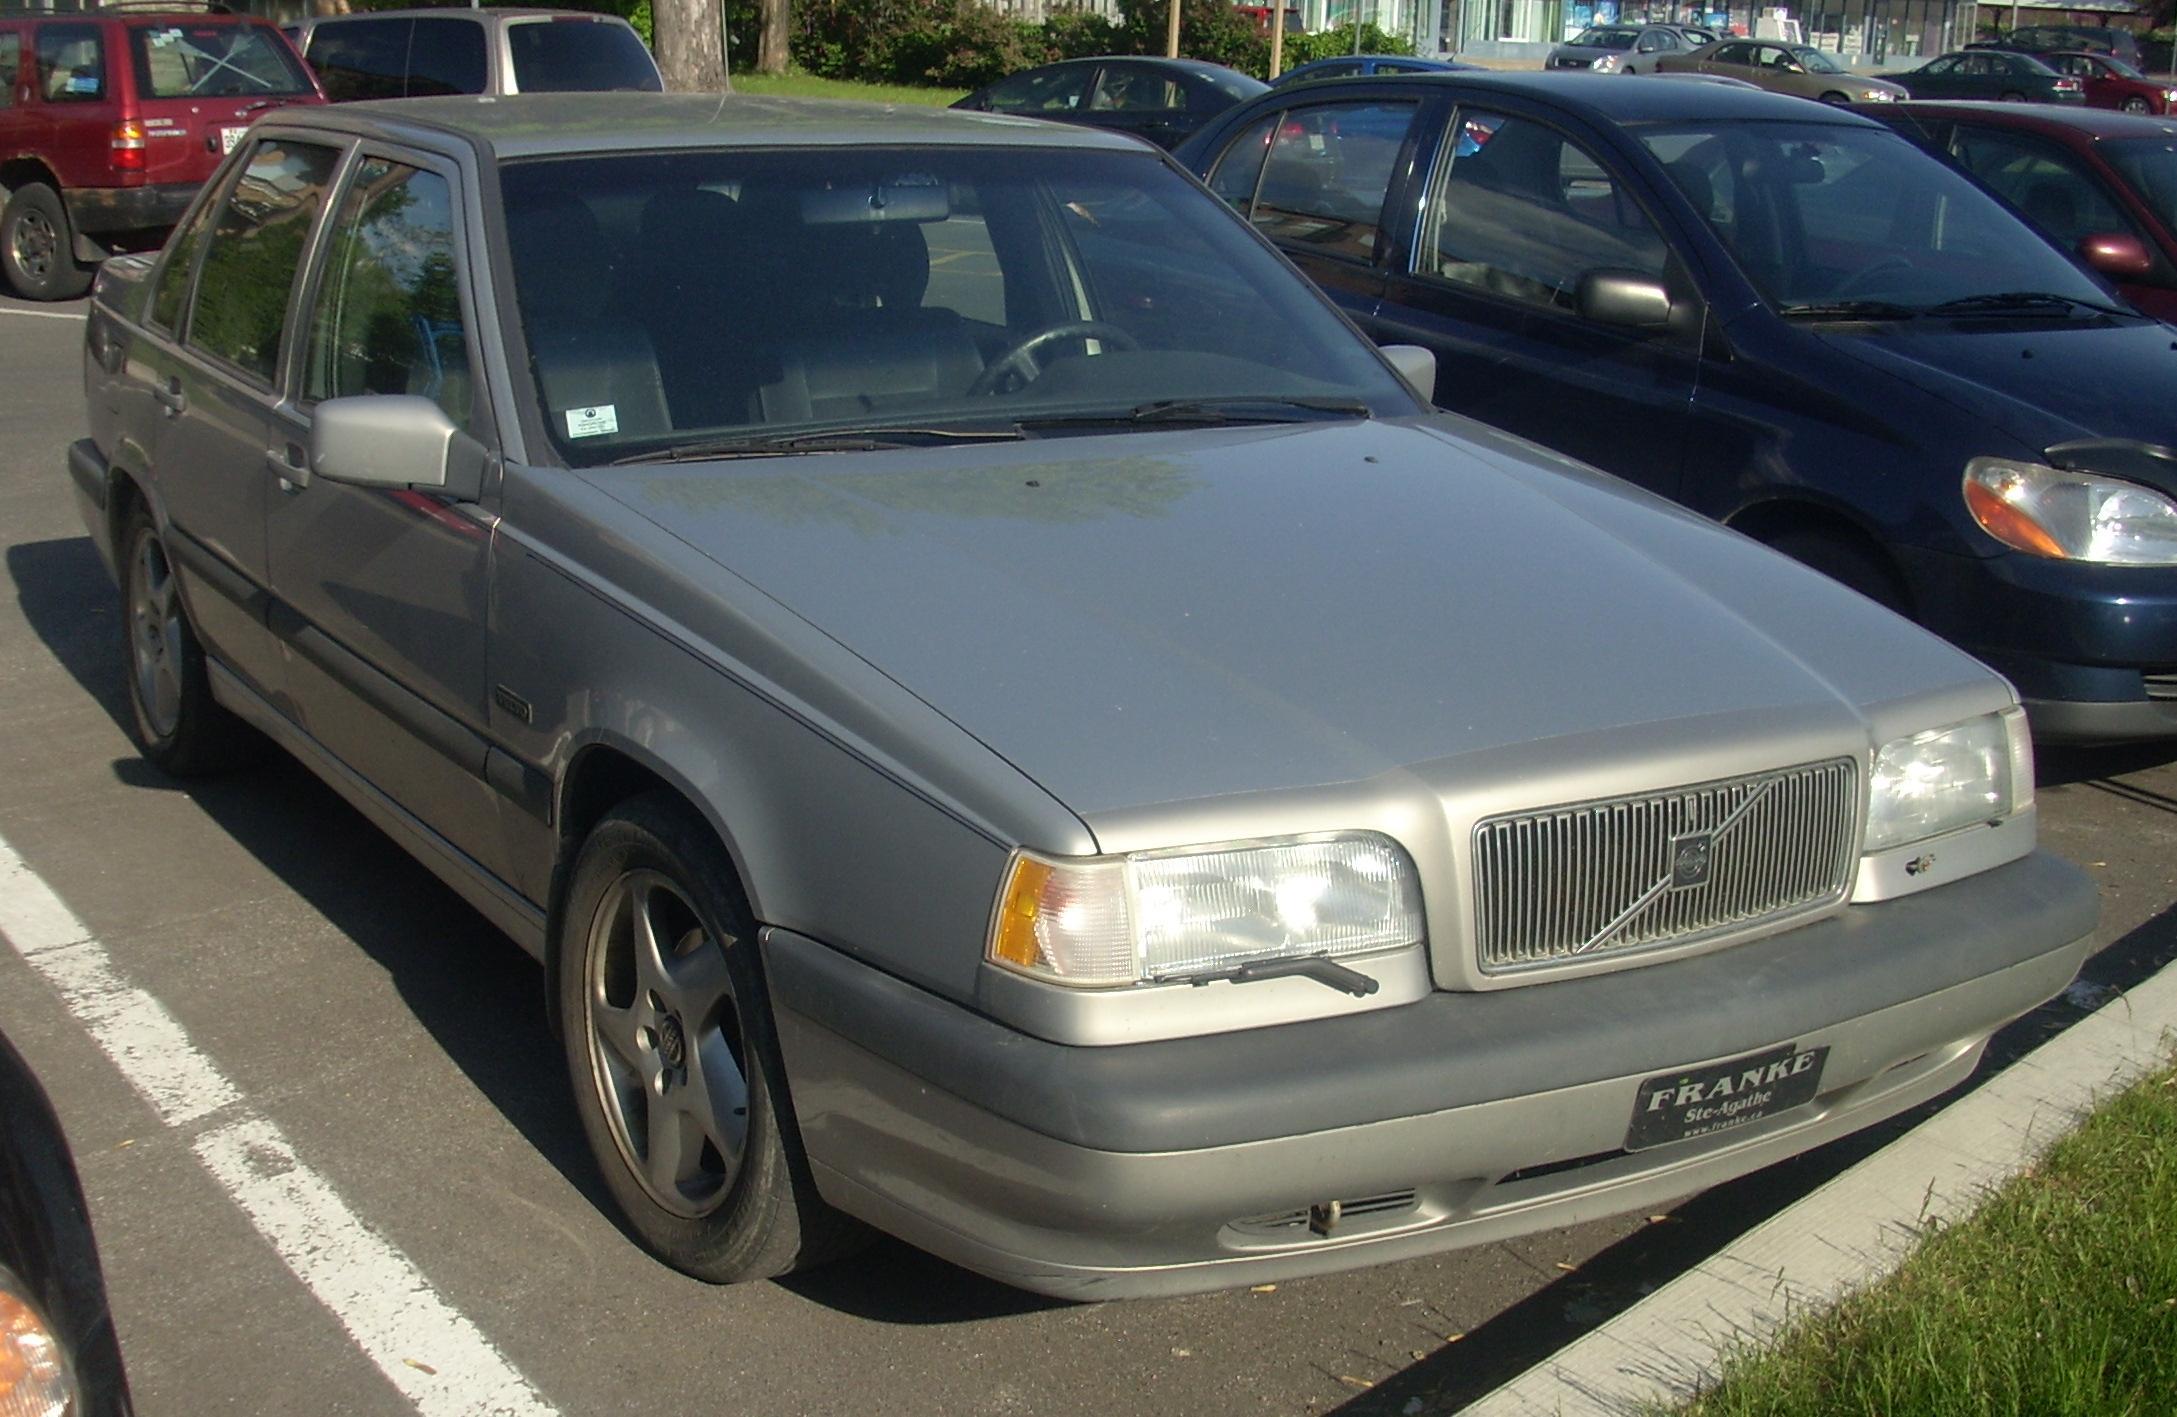 Volvo 850 Wiki – Idea de imagen del coche